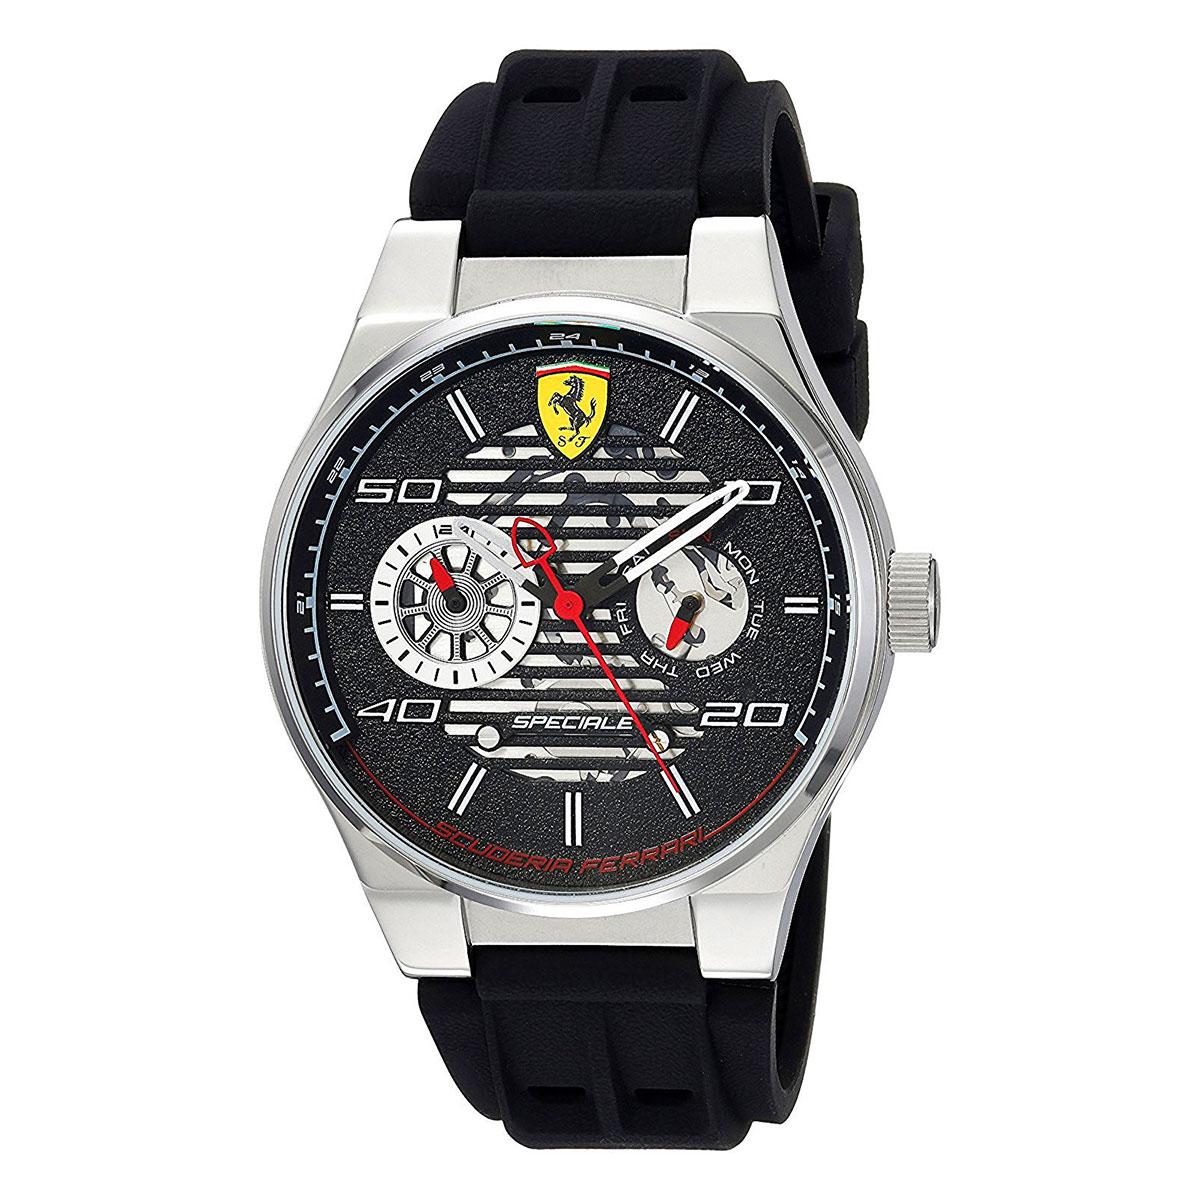 นาฬิกาผู้ชาย Ferrari รุ่น 0830429, Speciale